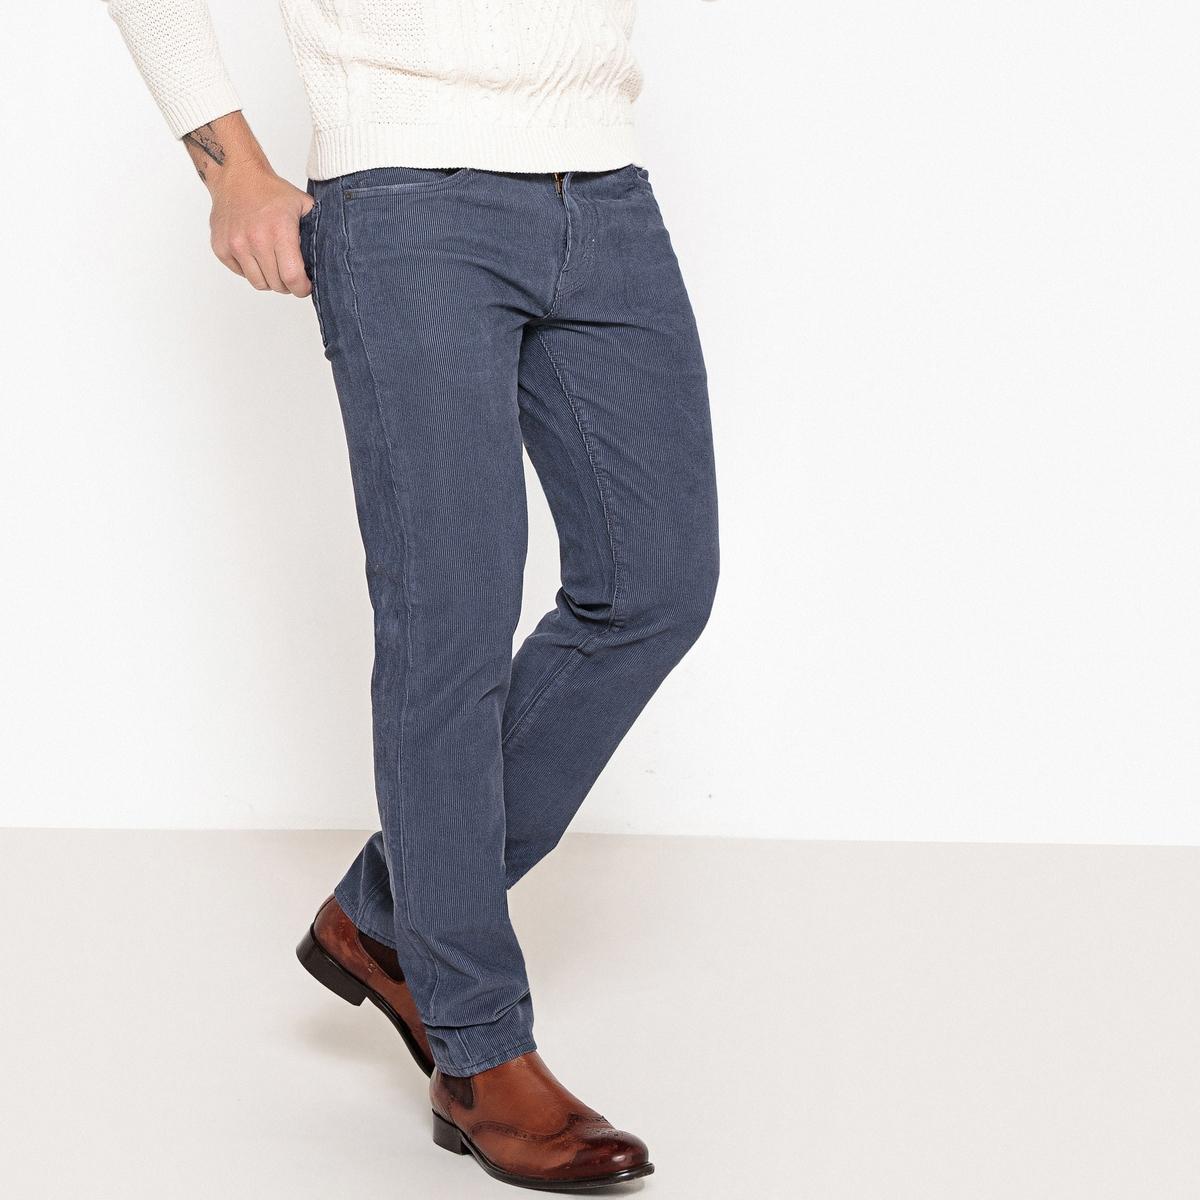 Pantaloni 511™ taglio slim in velluto a coste